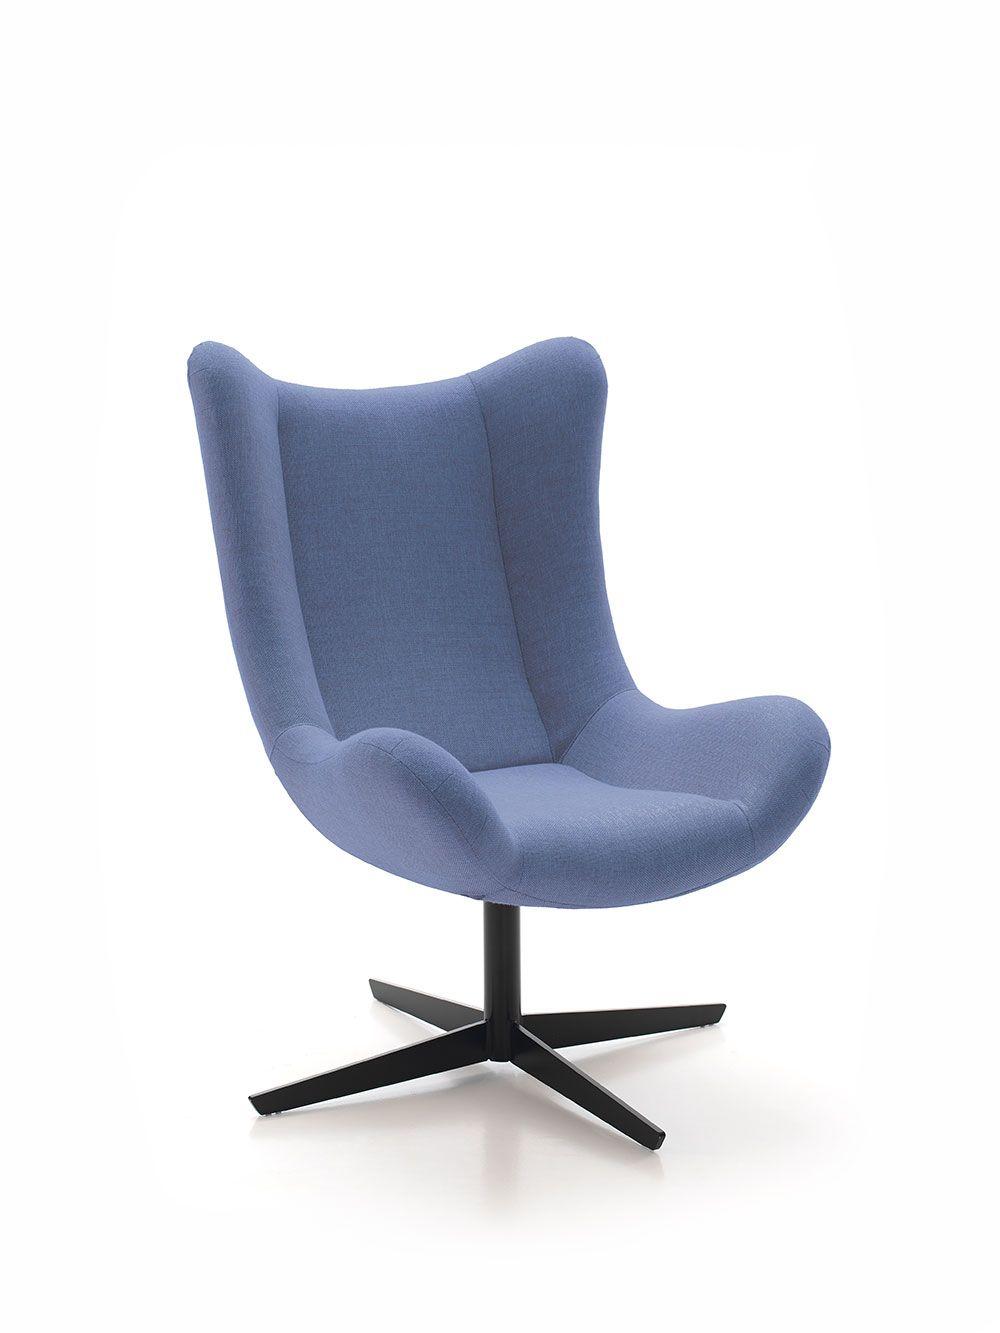 Muebles castillo tu tienda de muebles en murcia butacas - Muebles murcia ofertas ...